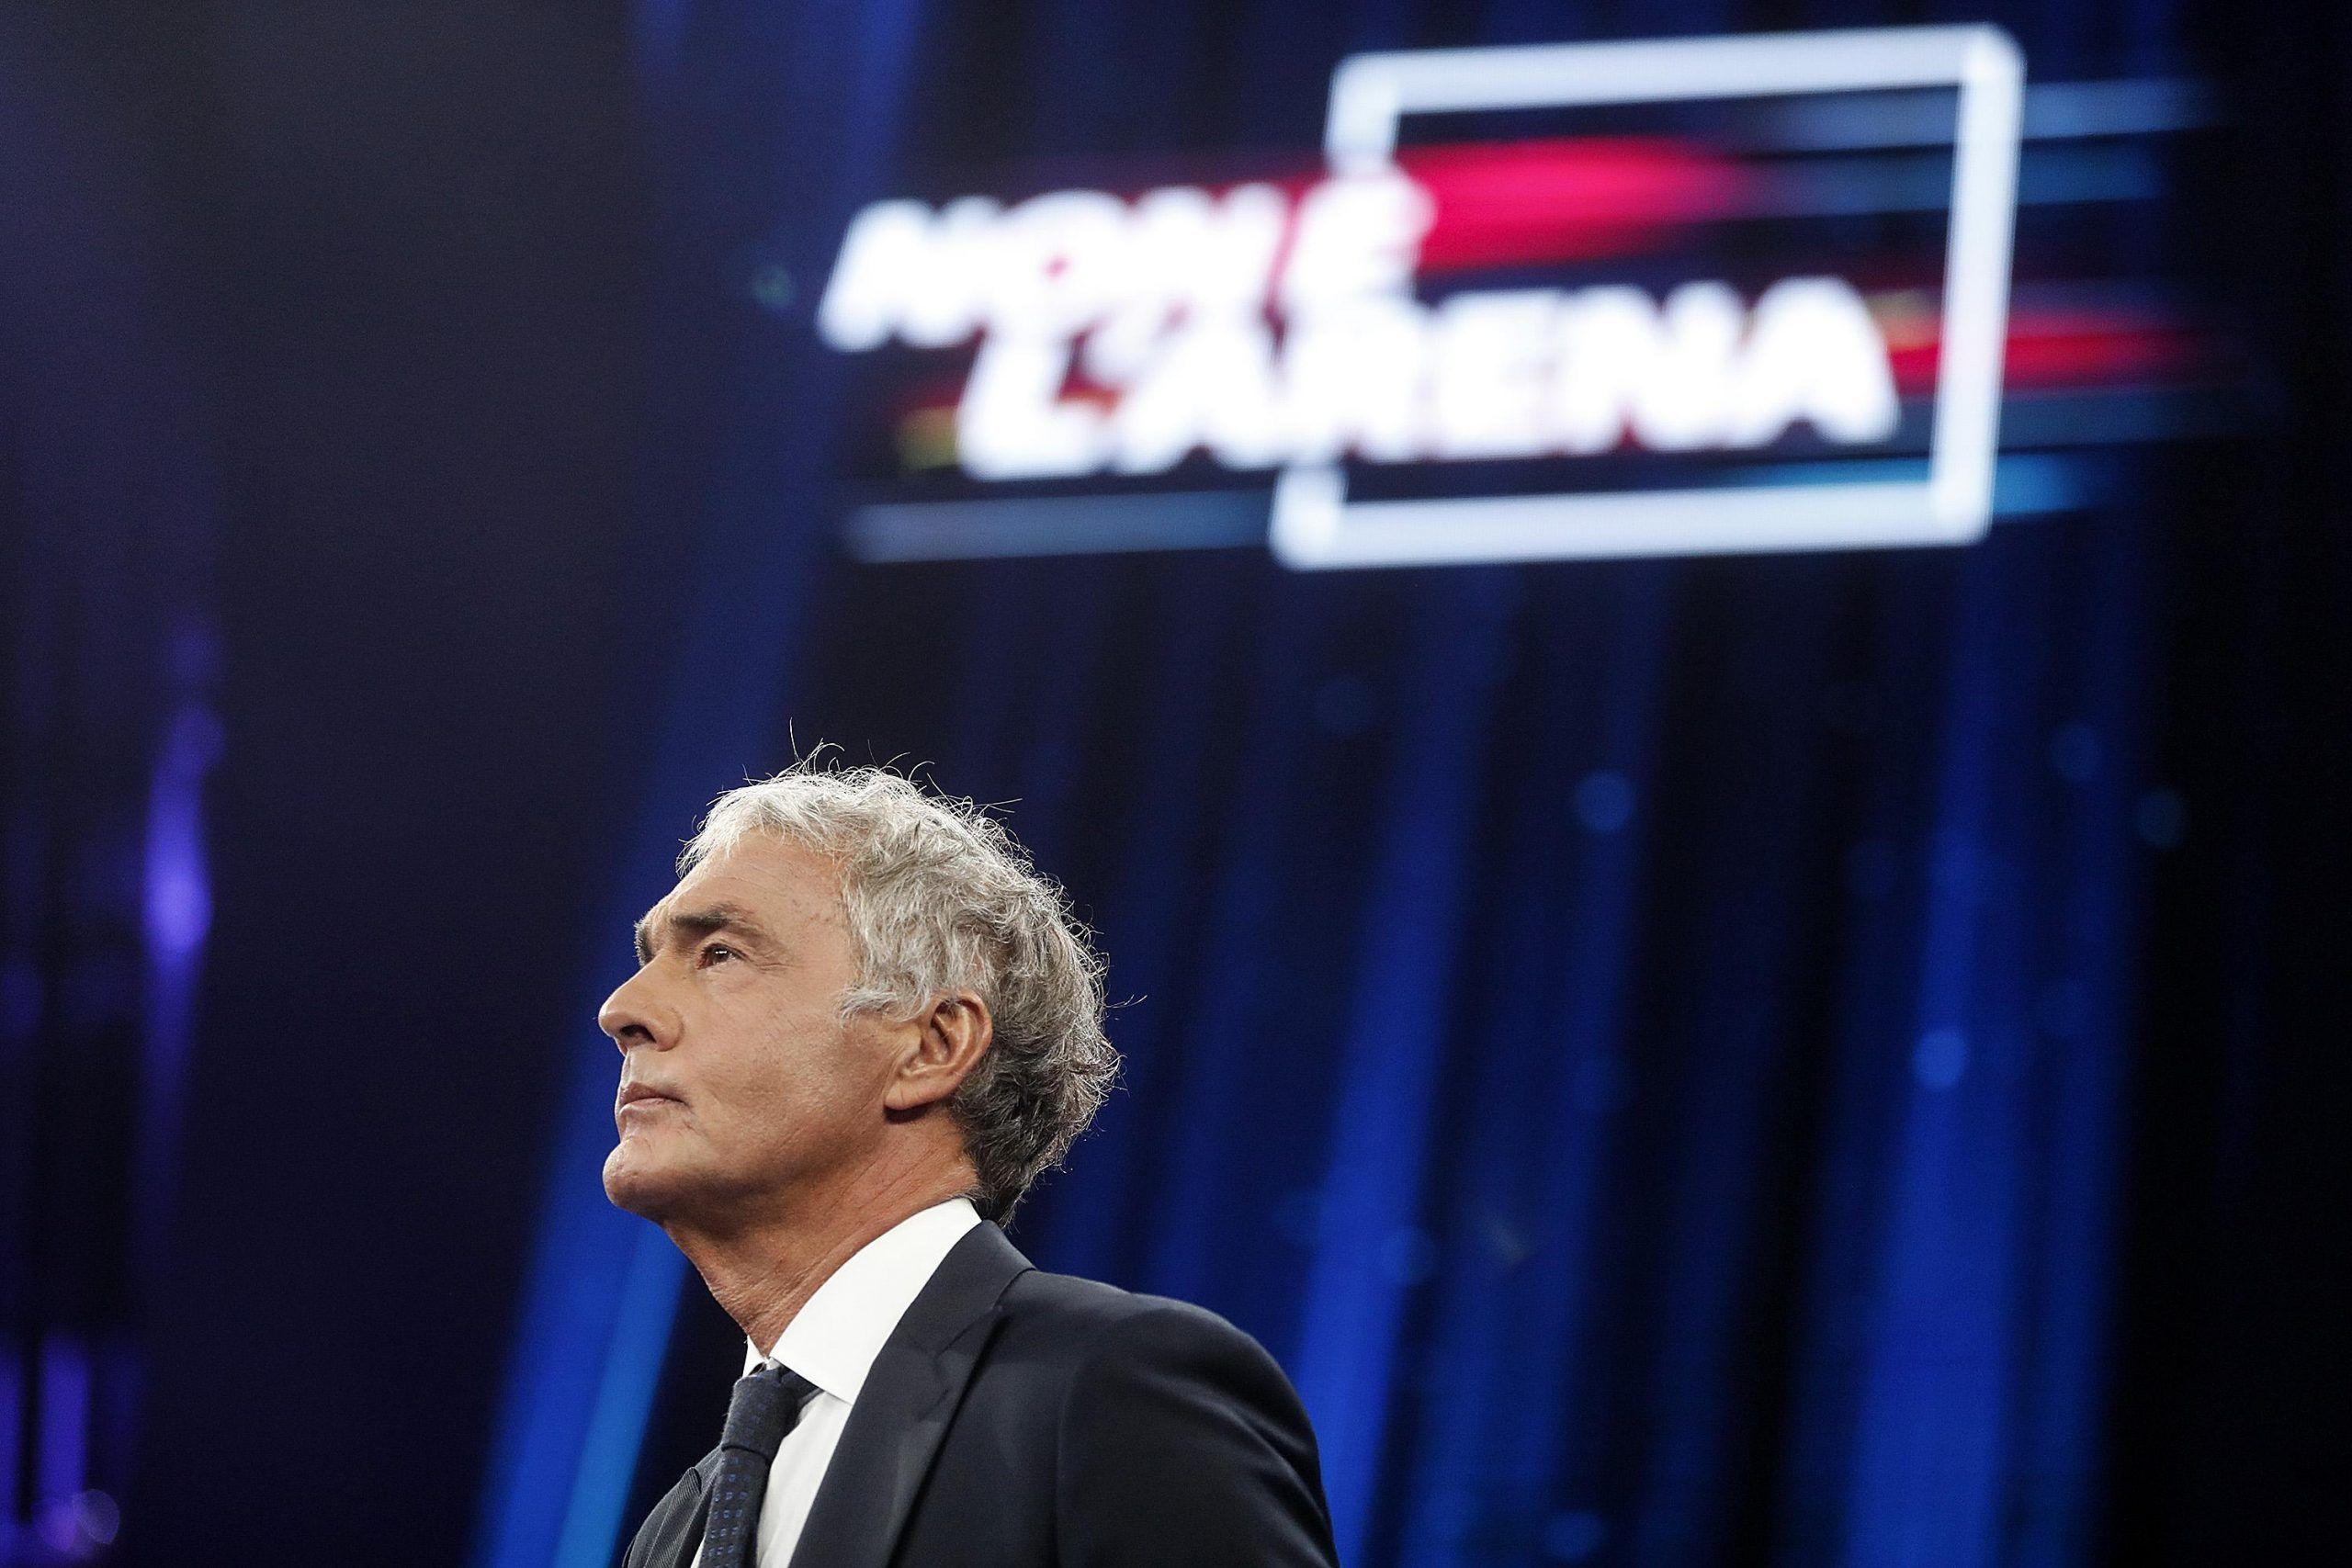 Massimo Giletti sull'aggressione a Fabrizio Corona: 'È scosso'